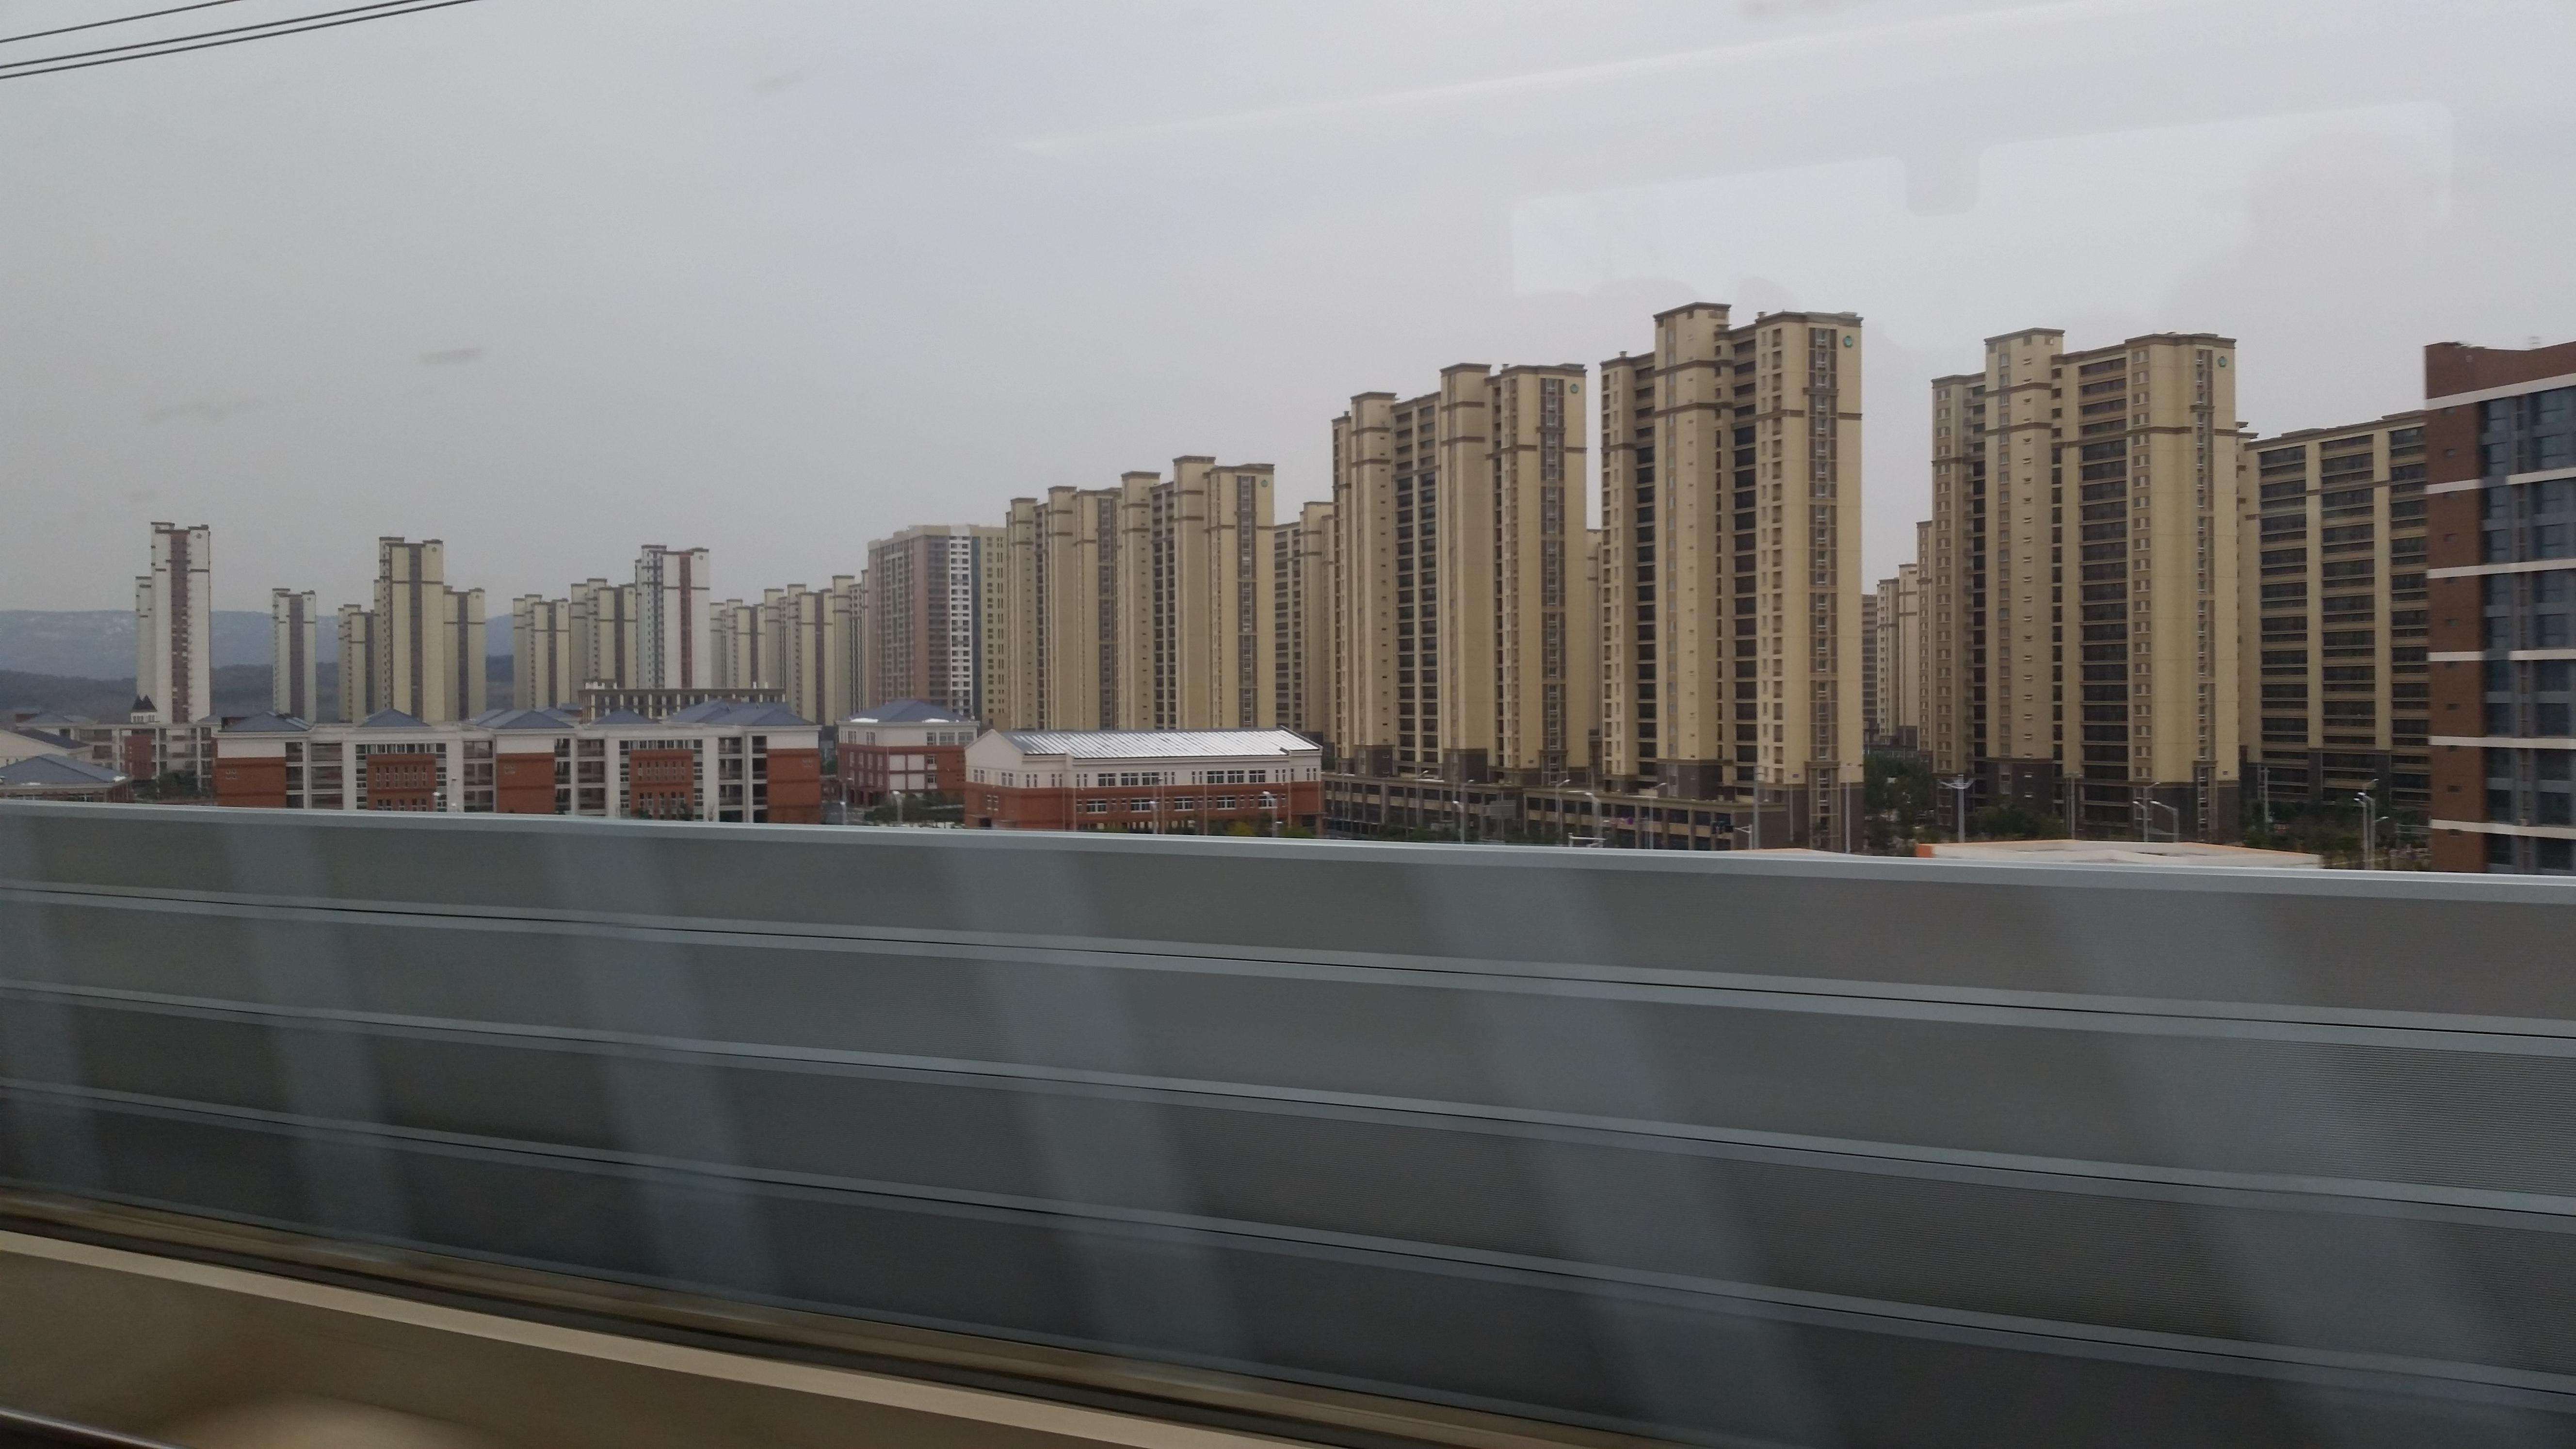 Rows of housing buildings in Beijing all similar in look.